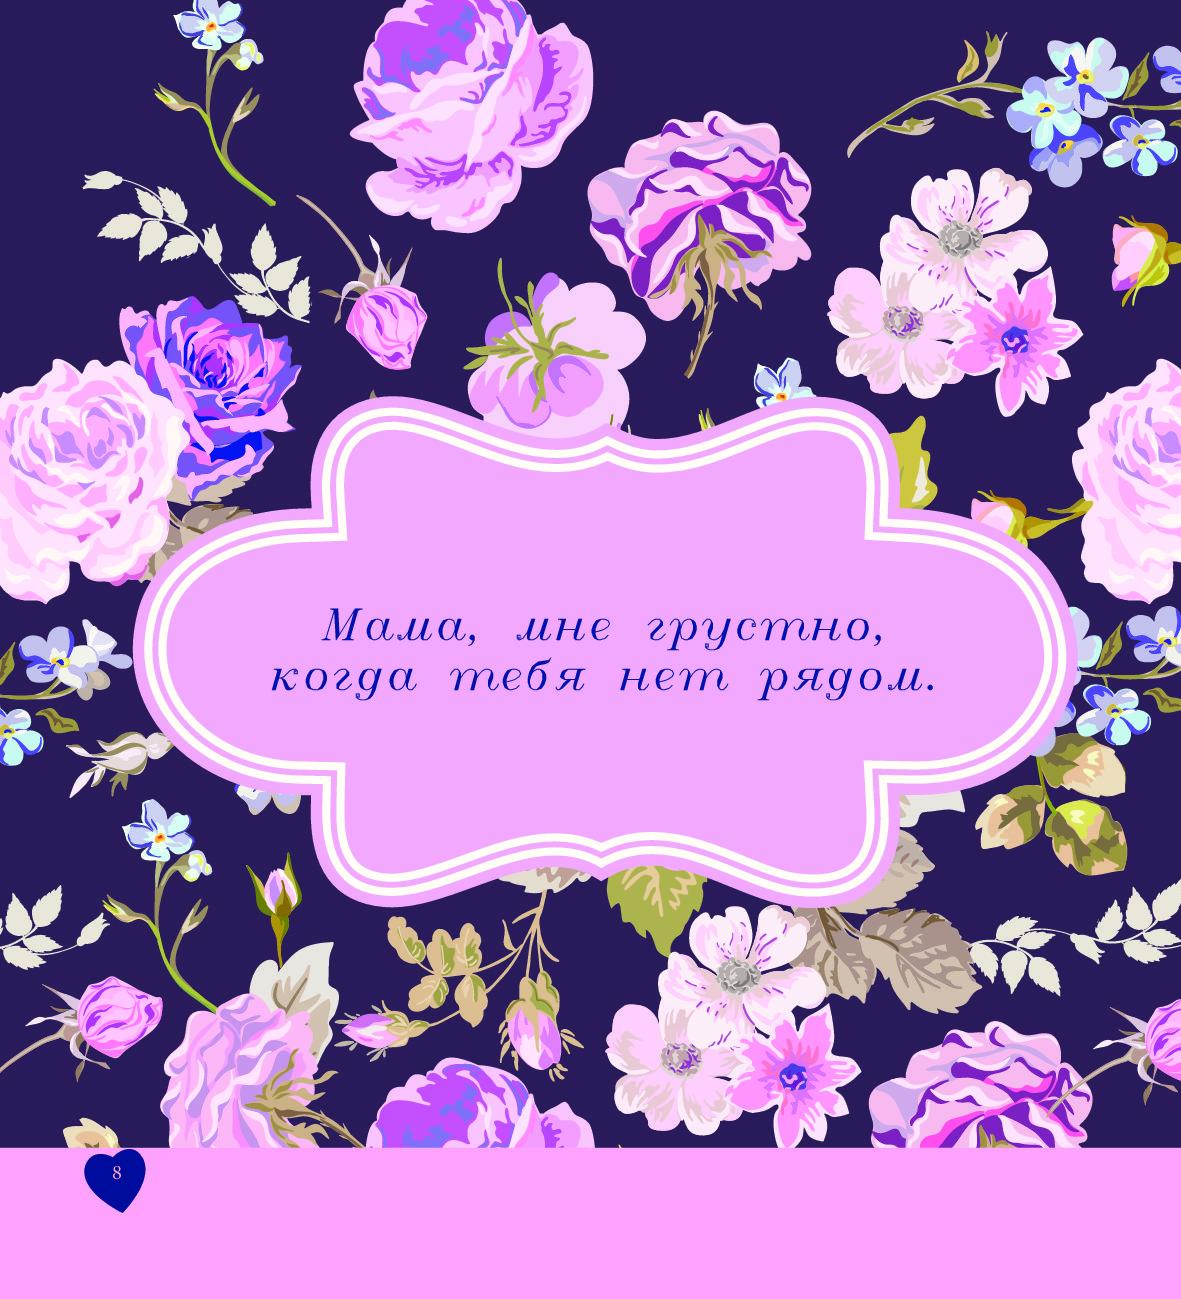 Слова для открытки для цветов